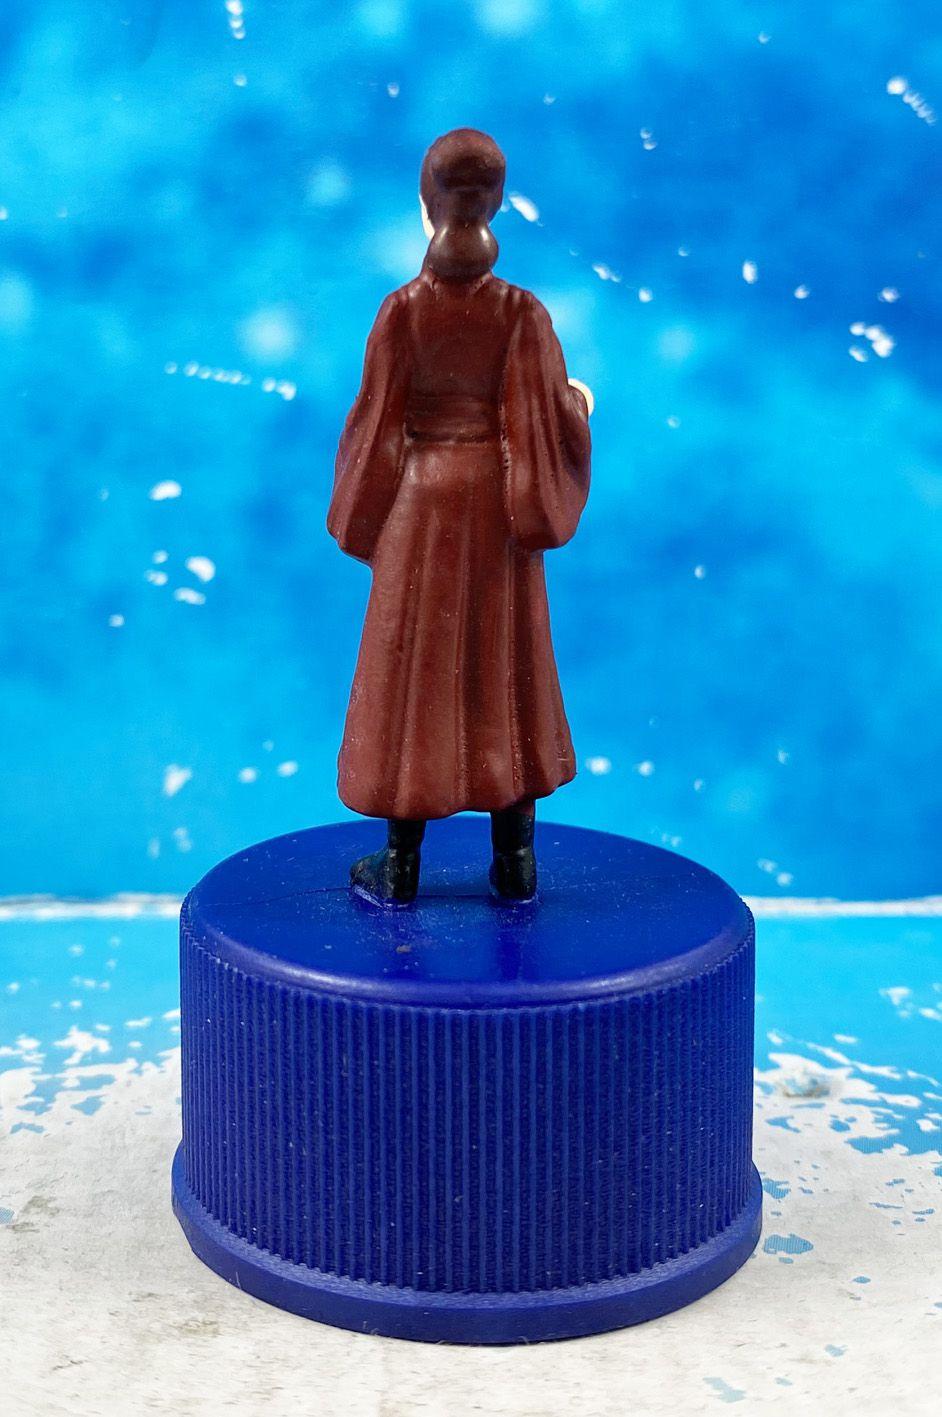 Star Wars - Pepsi Caps (Japon 2002) - Queen Amidala